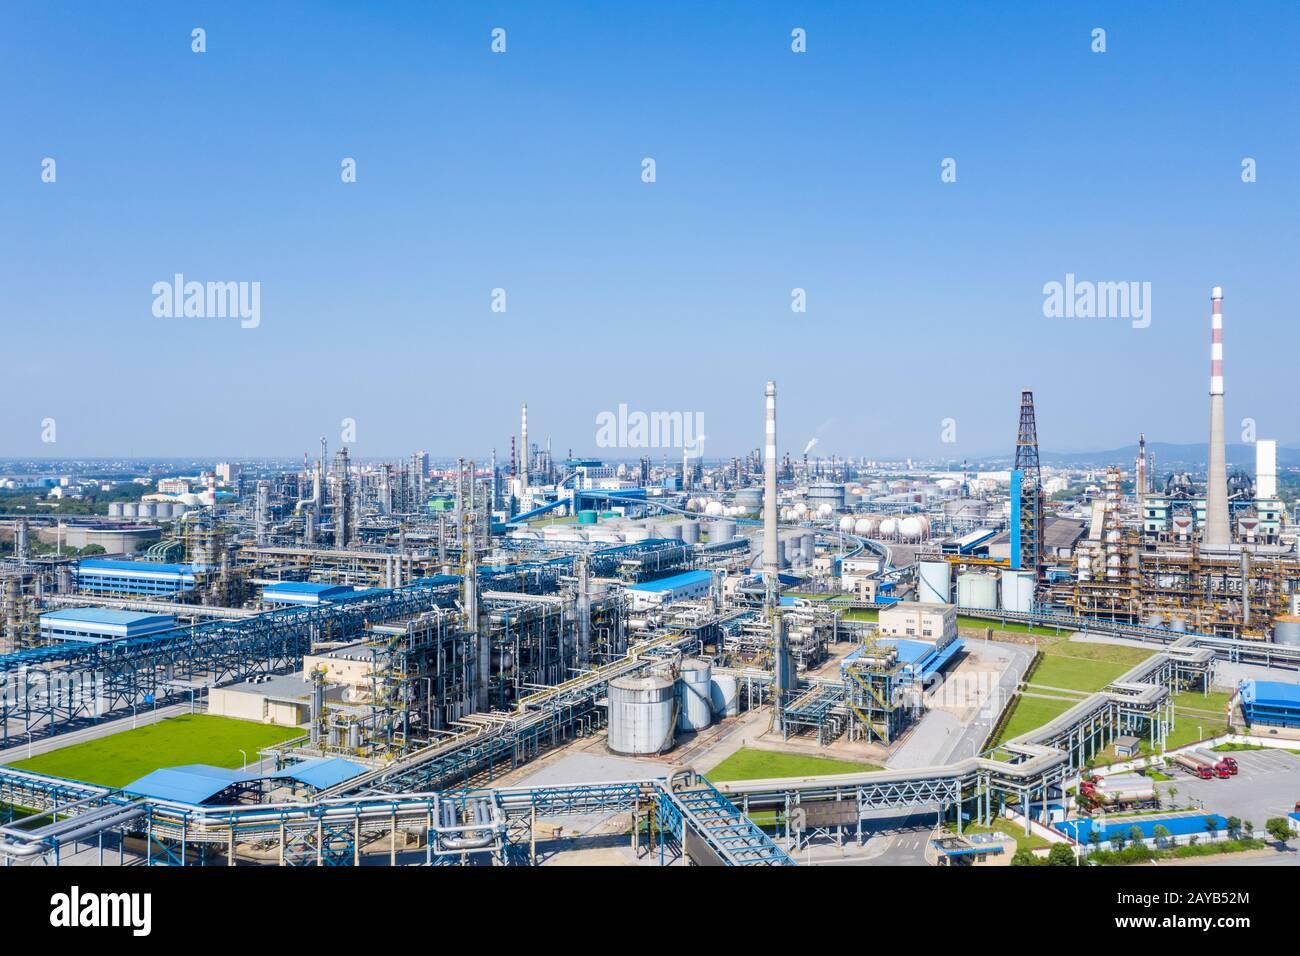 Refinería de petróleo petroquímica Foto de stock